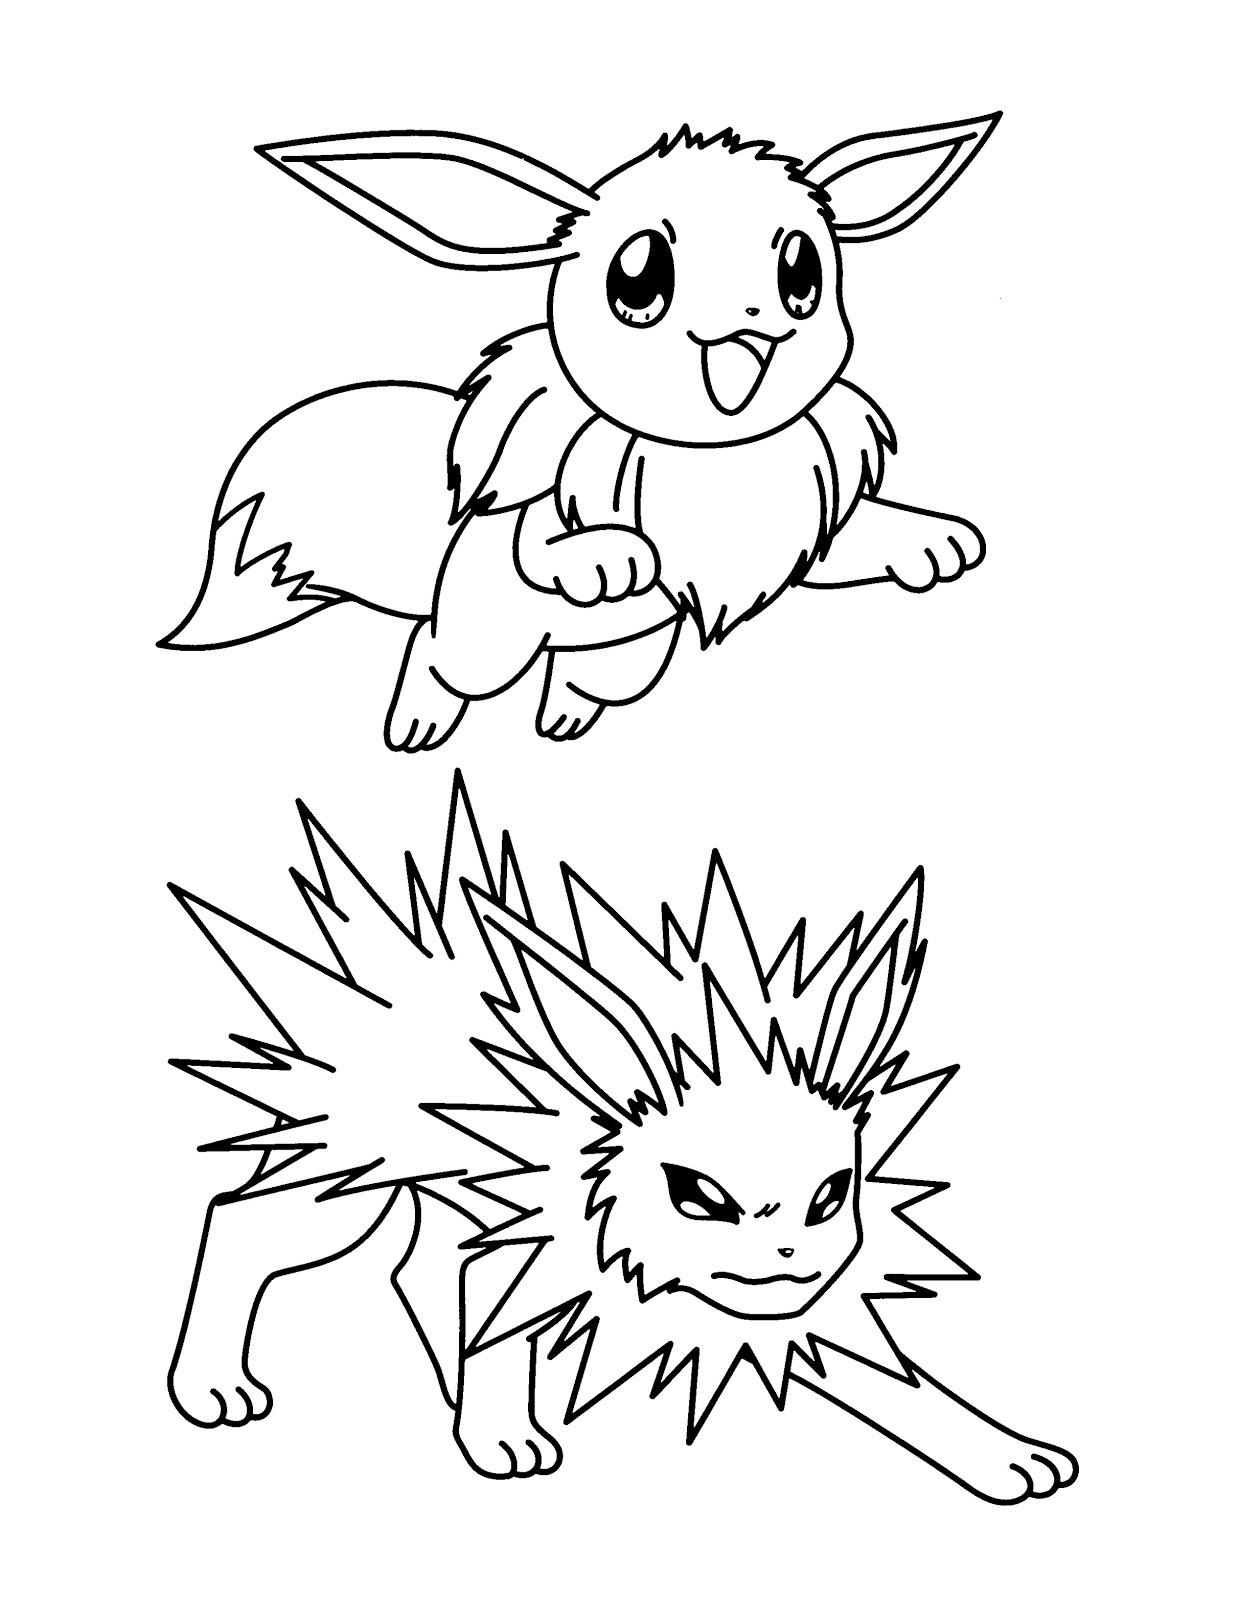 Eevee and Jolteon